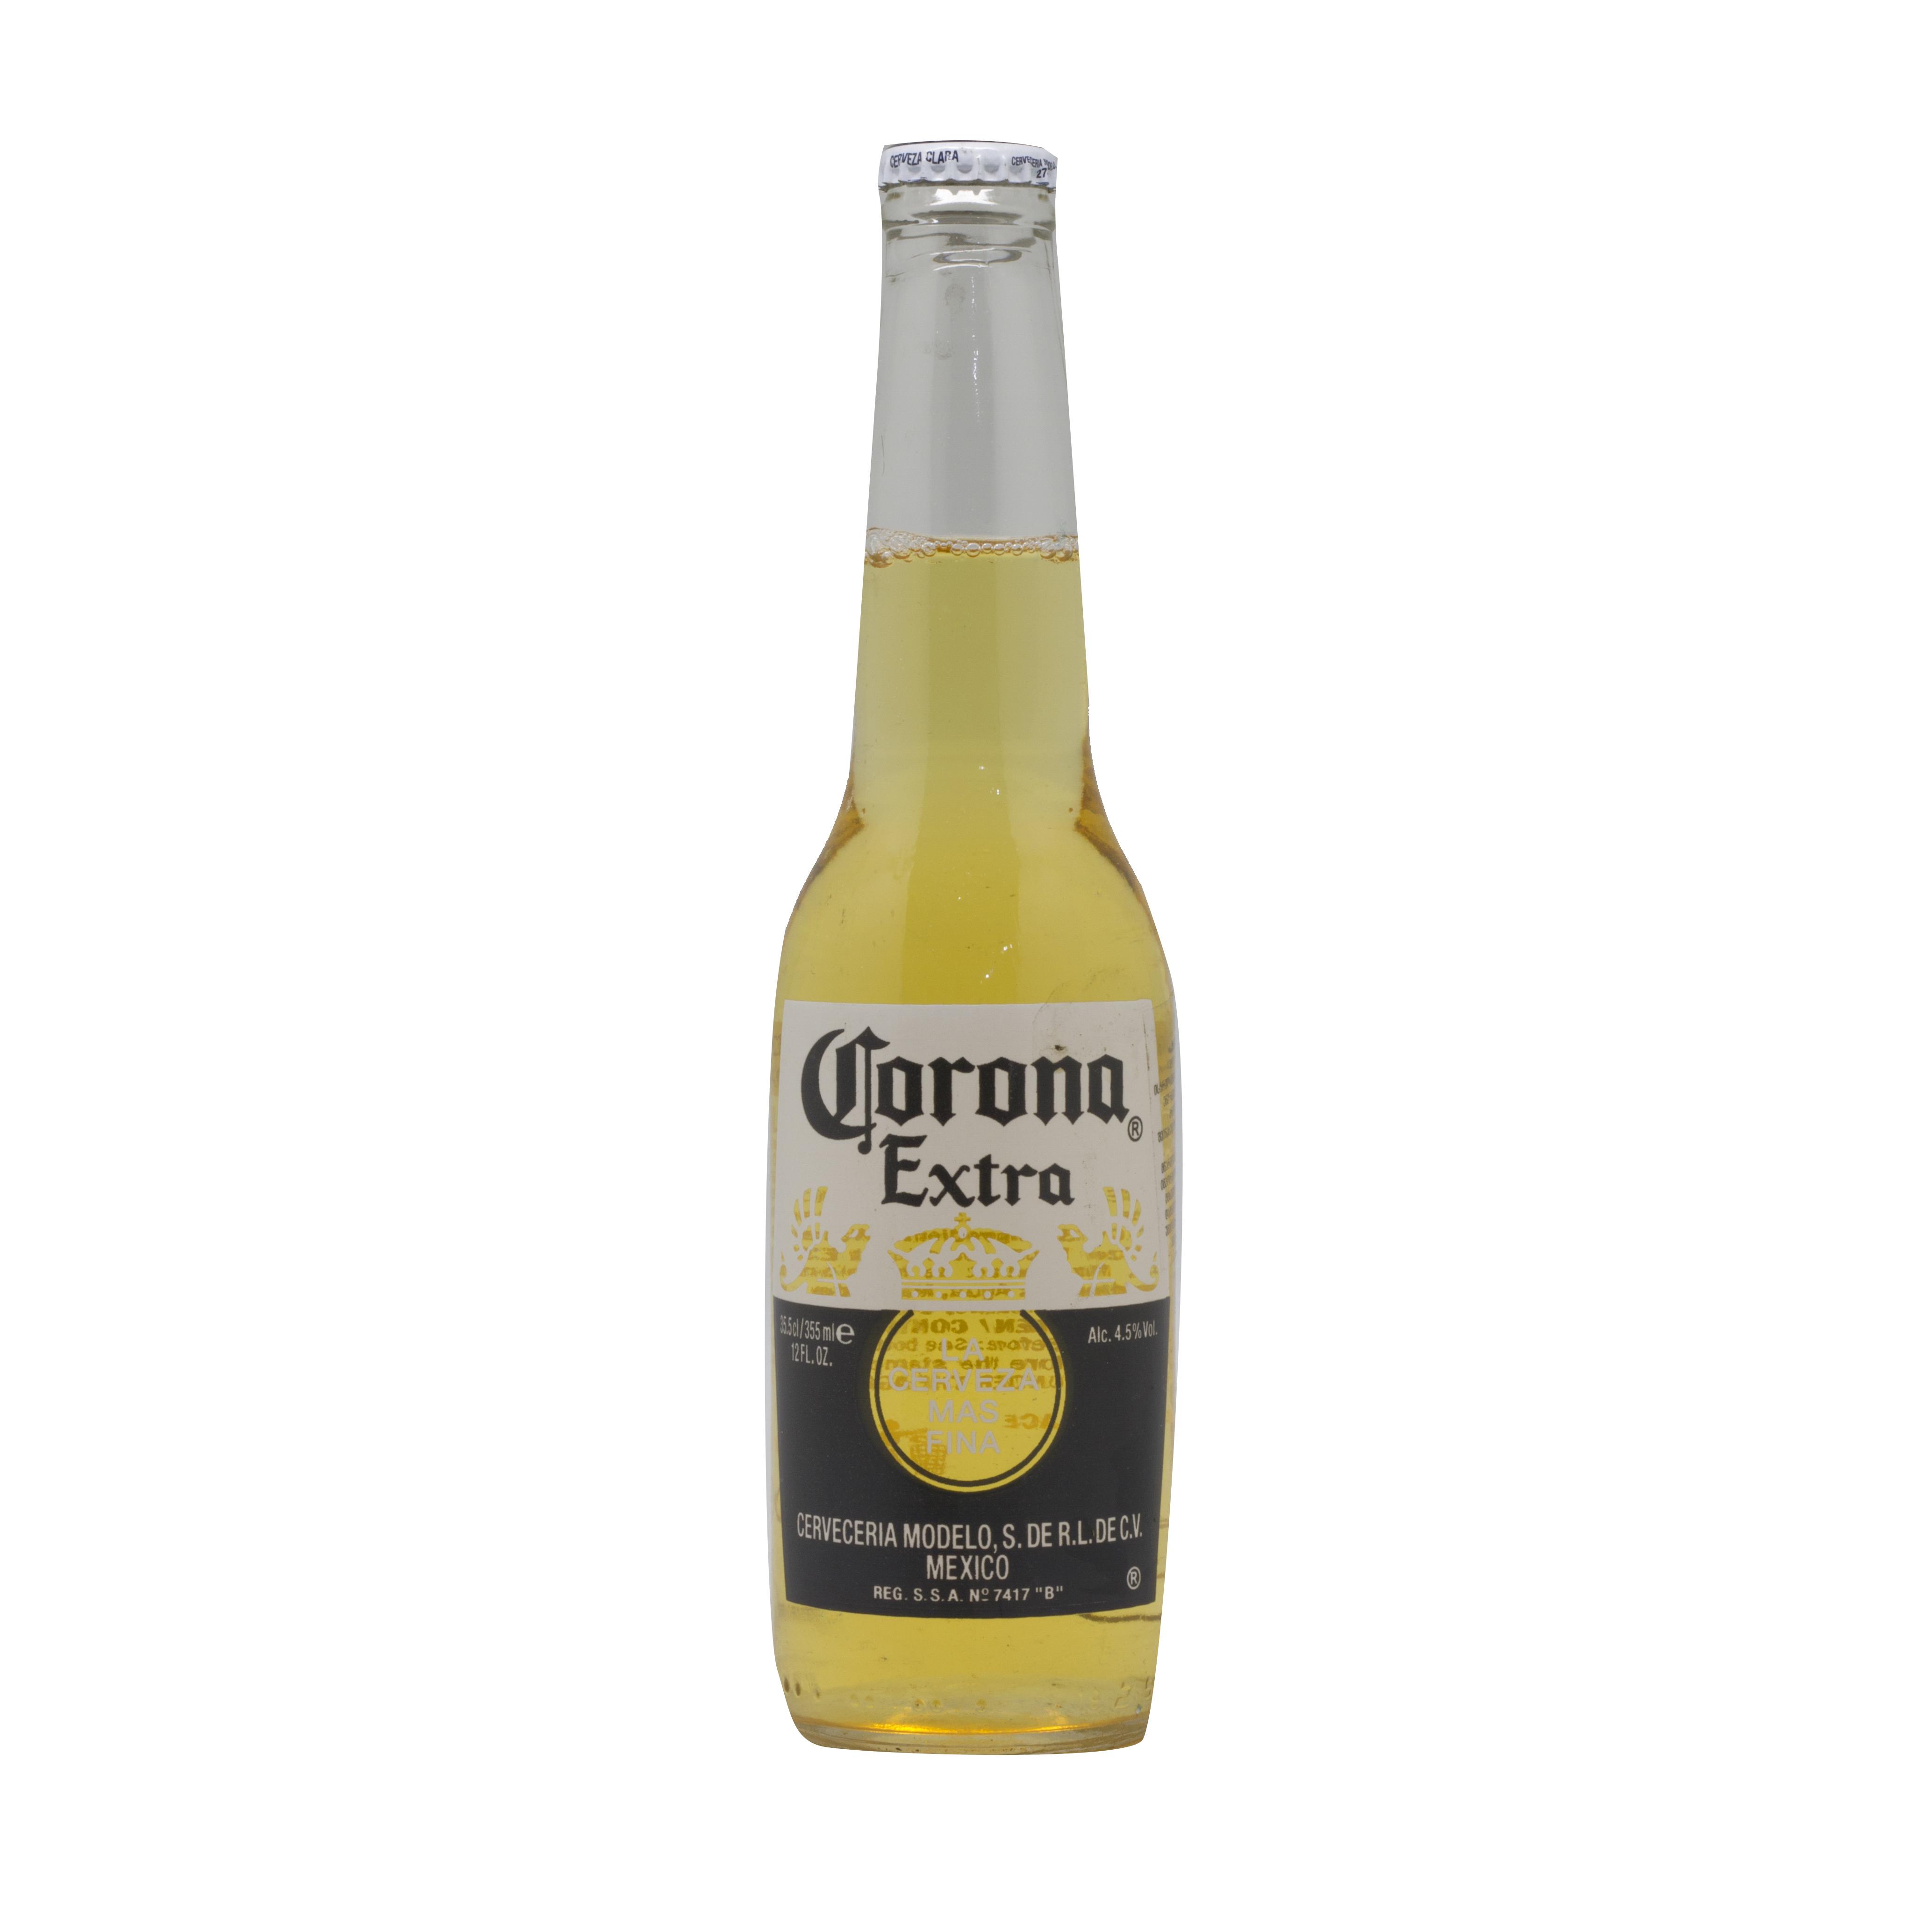 ლუდი კორონა 0.355 ლ. ბოთლი